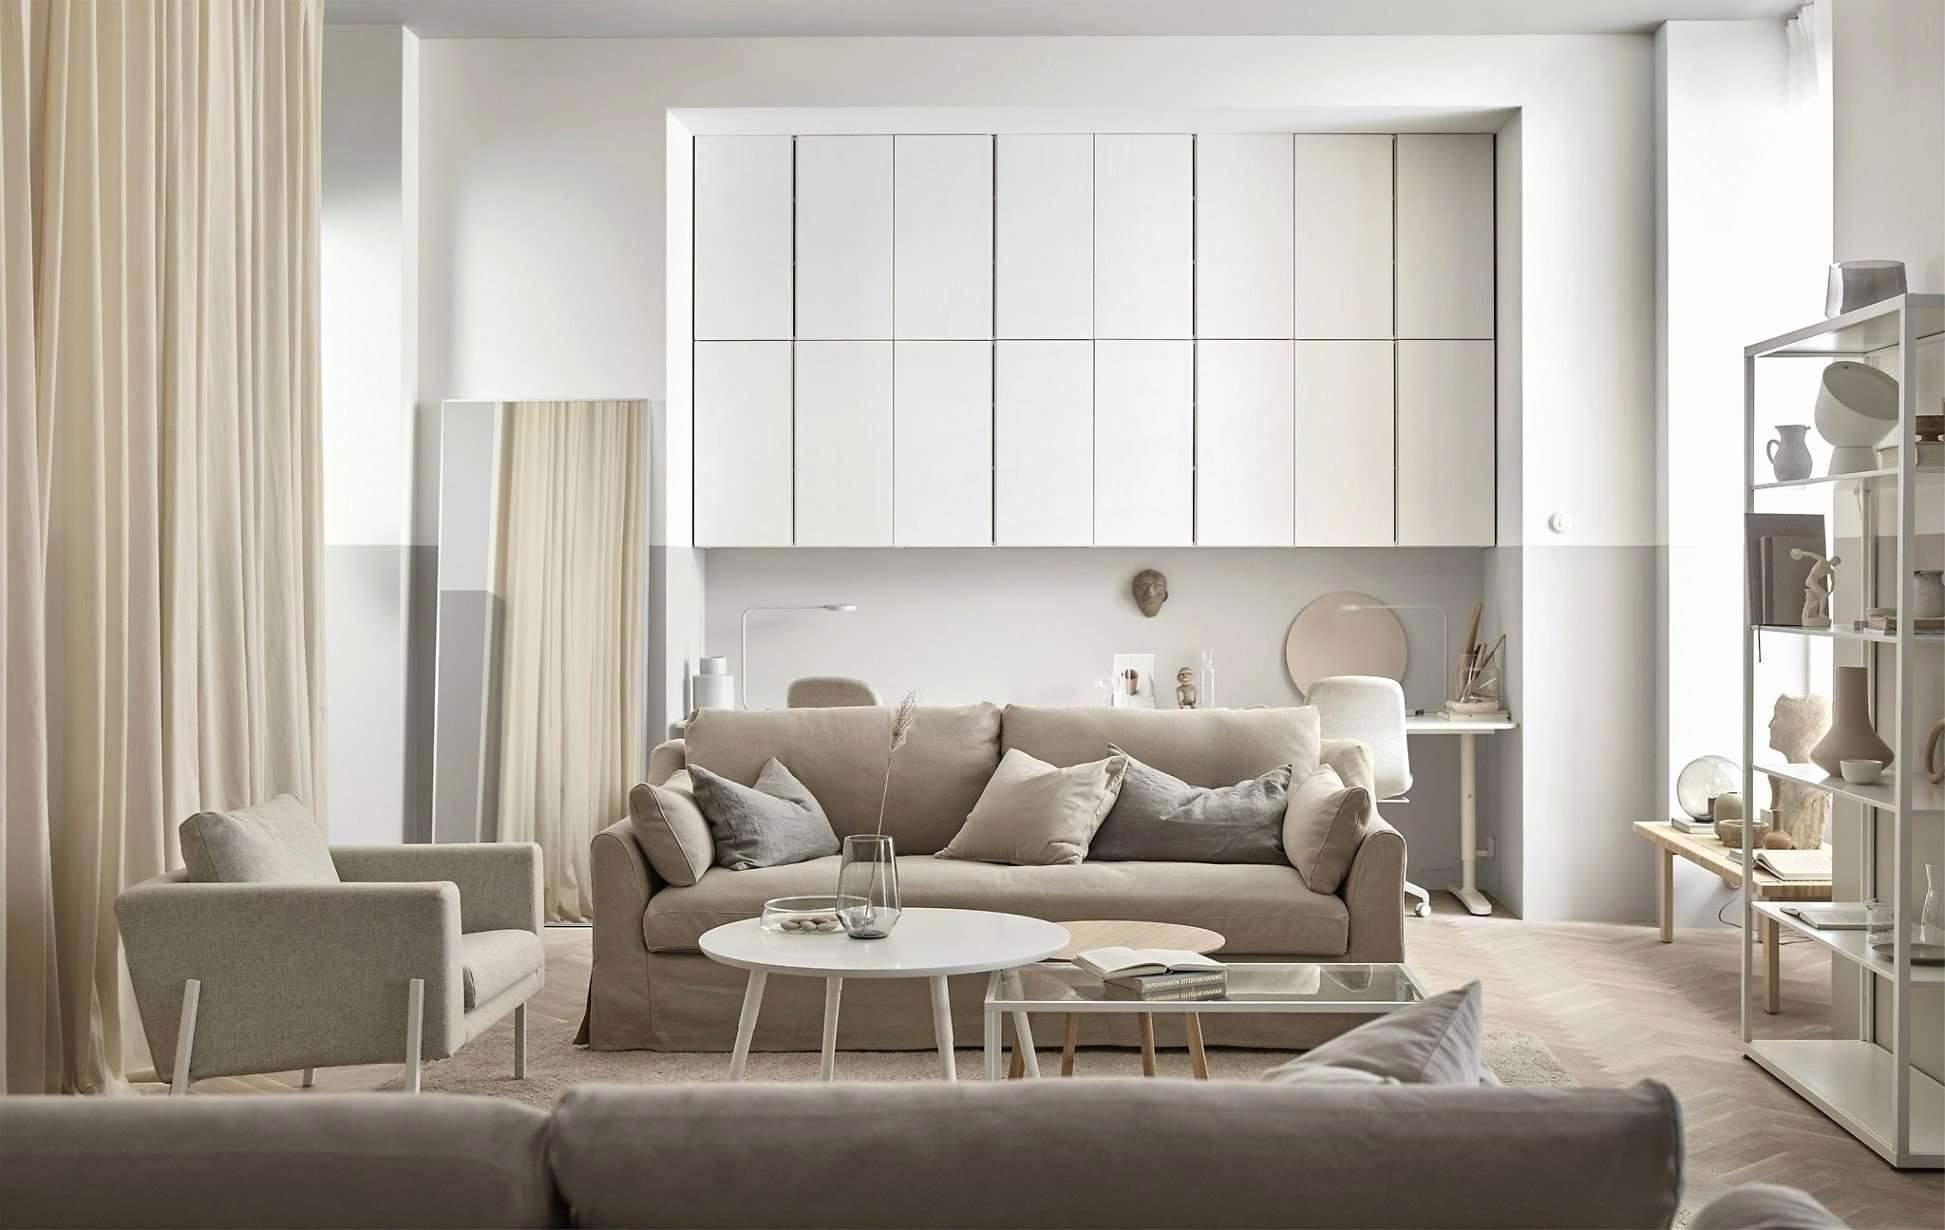 Full Size of Wanddeko Ideen Wohnzimmer Neu Genial Deko Tapeten Bad Renovieren Küche Wohnzimmer Wanddeko Ideen